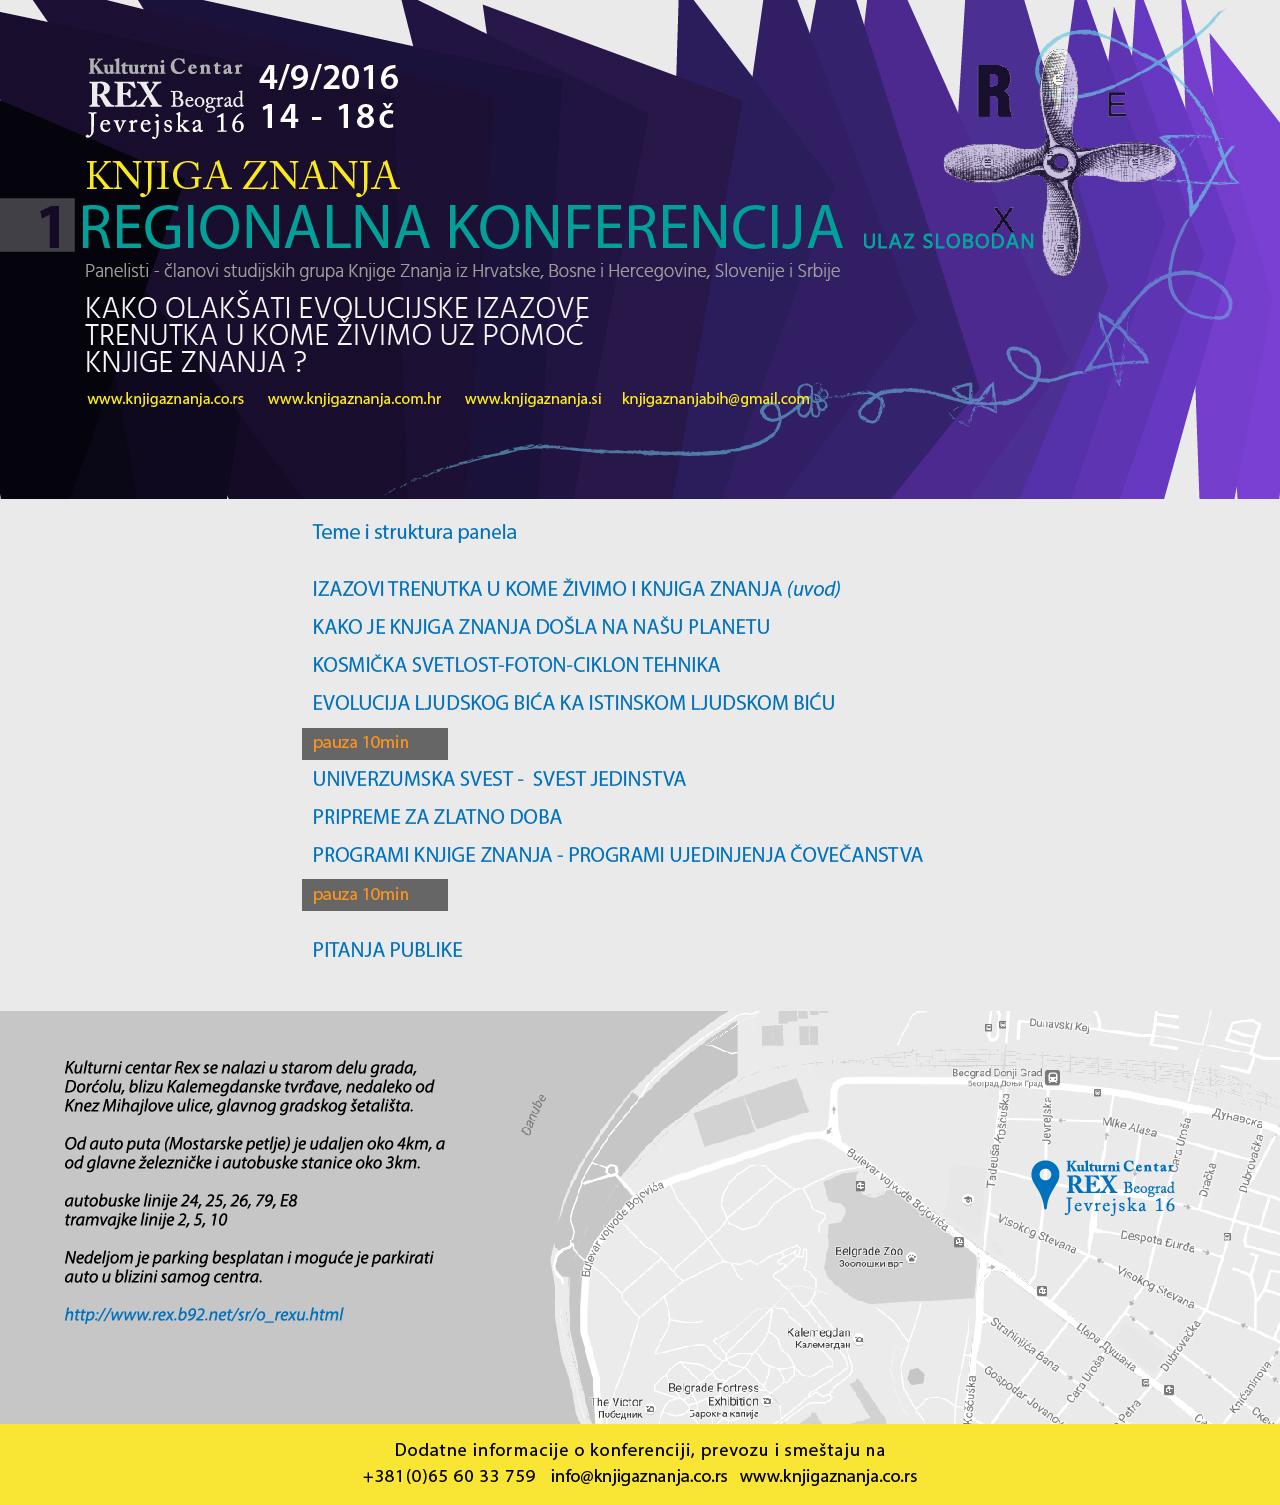 160805 KZ 4_9konferencija Beograd